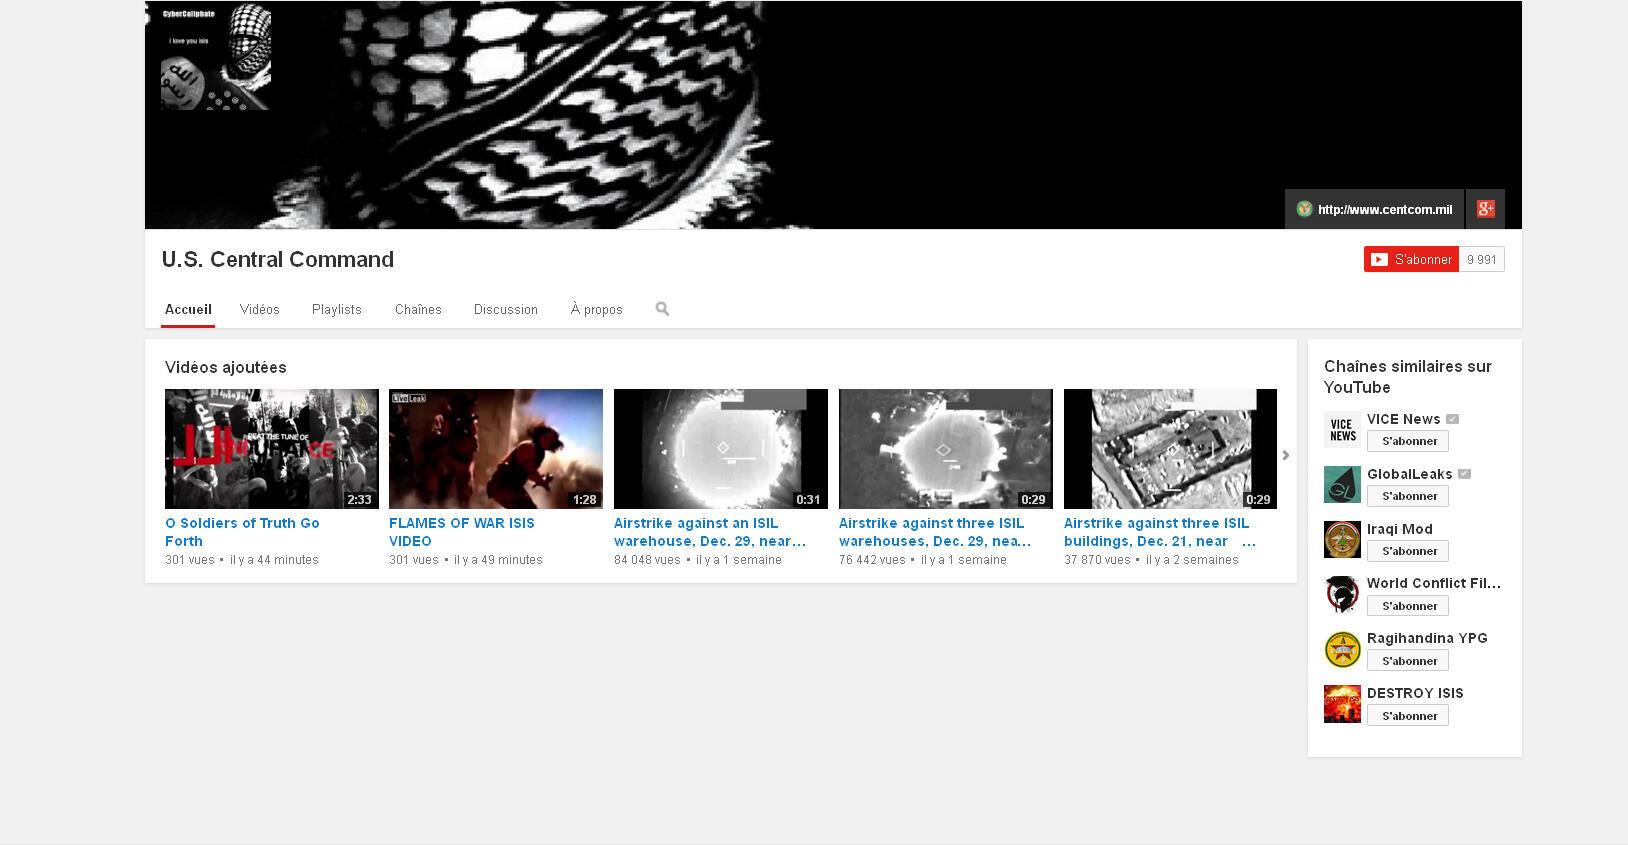 La page YouTube du CentCom lors du piratage.